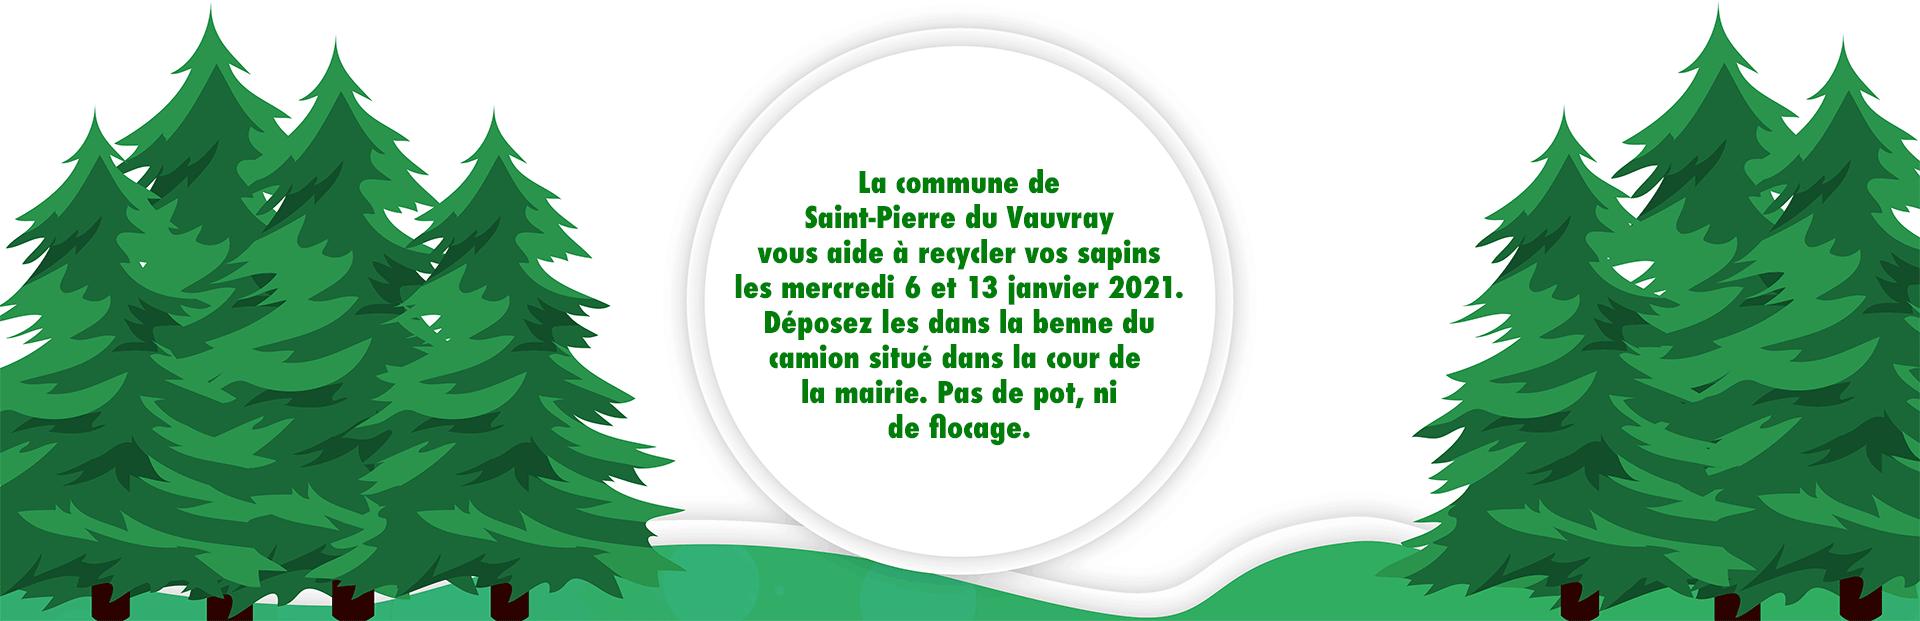 La commune de Saint-Pierre du Vauvray vous aide à recycler vos sapins